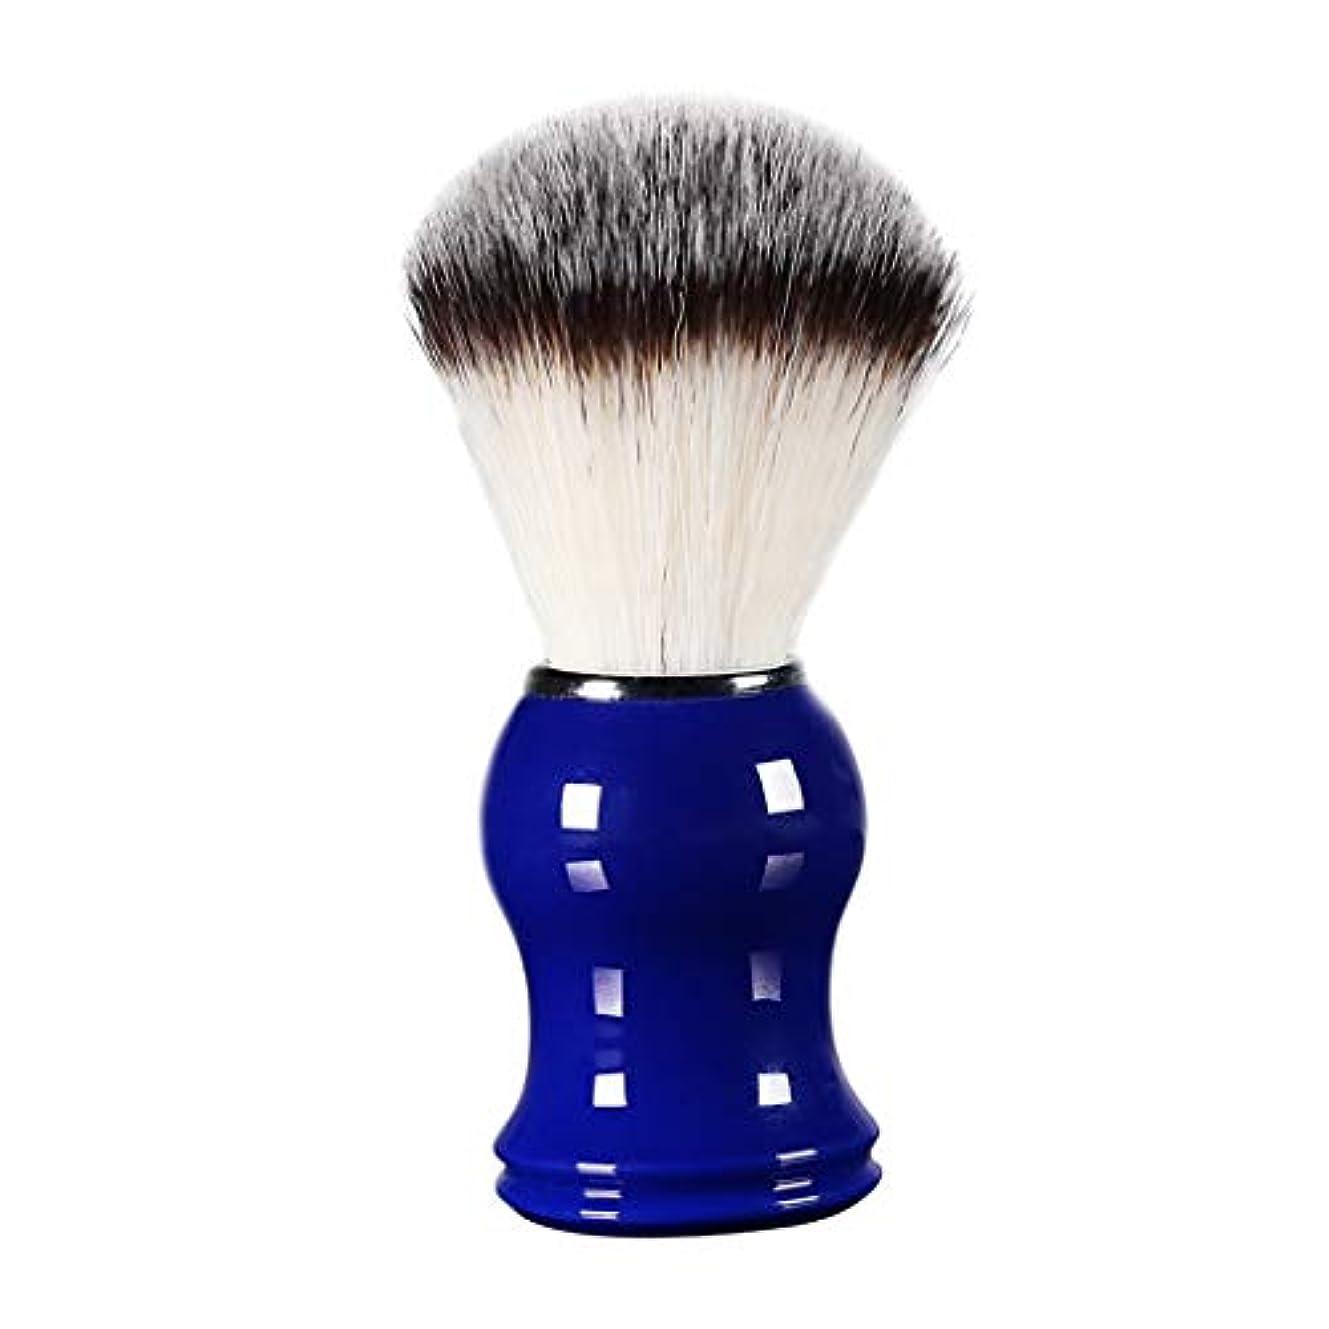 ステートメントアリーナ思慮深い床屋 サロン 髭剃り シェービングブラシ メンズ 泡立ち 洗顔 理容 約11cm